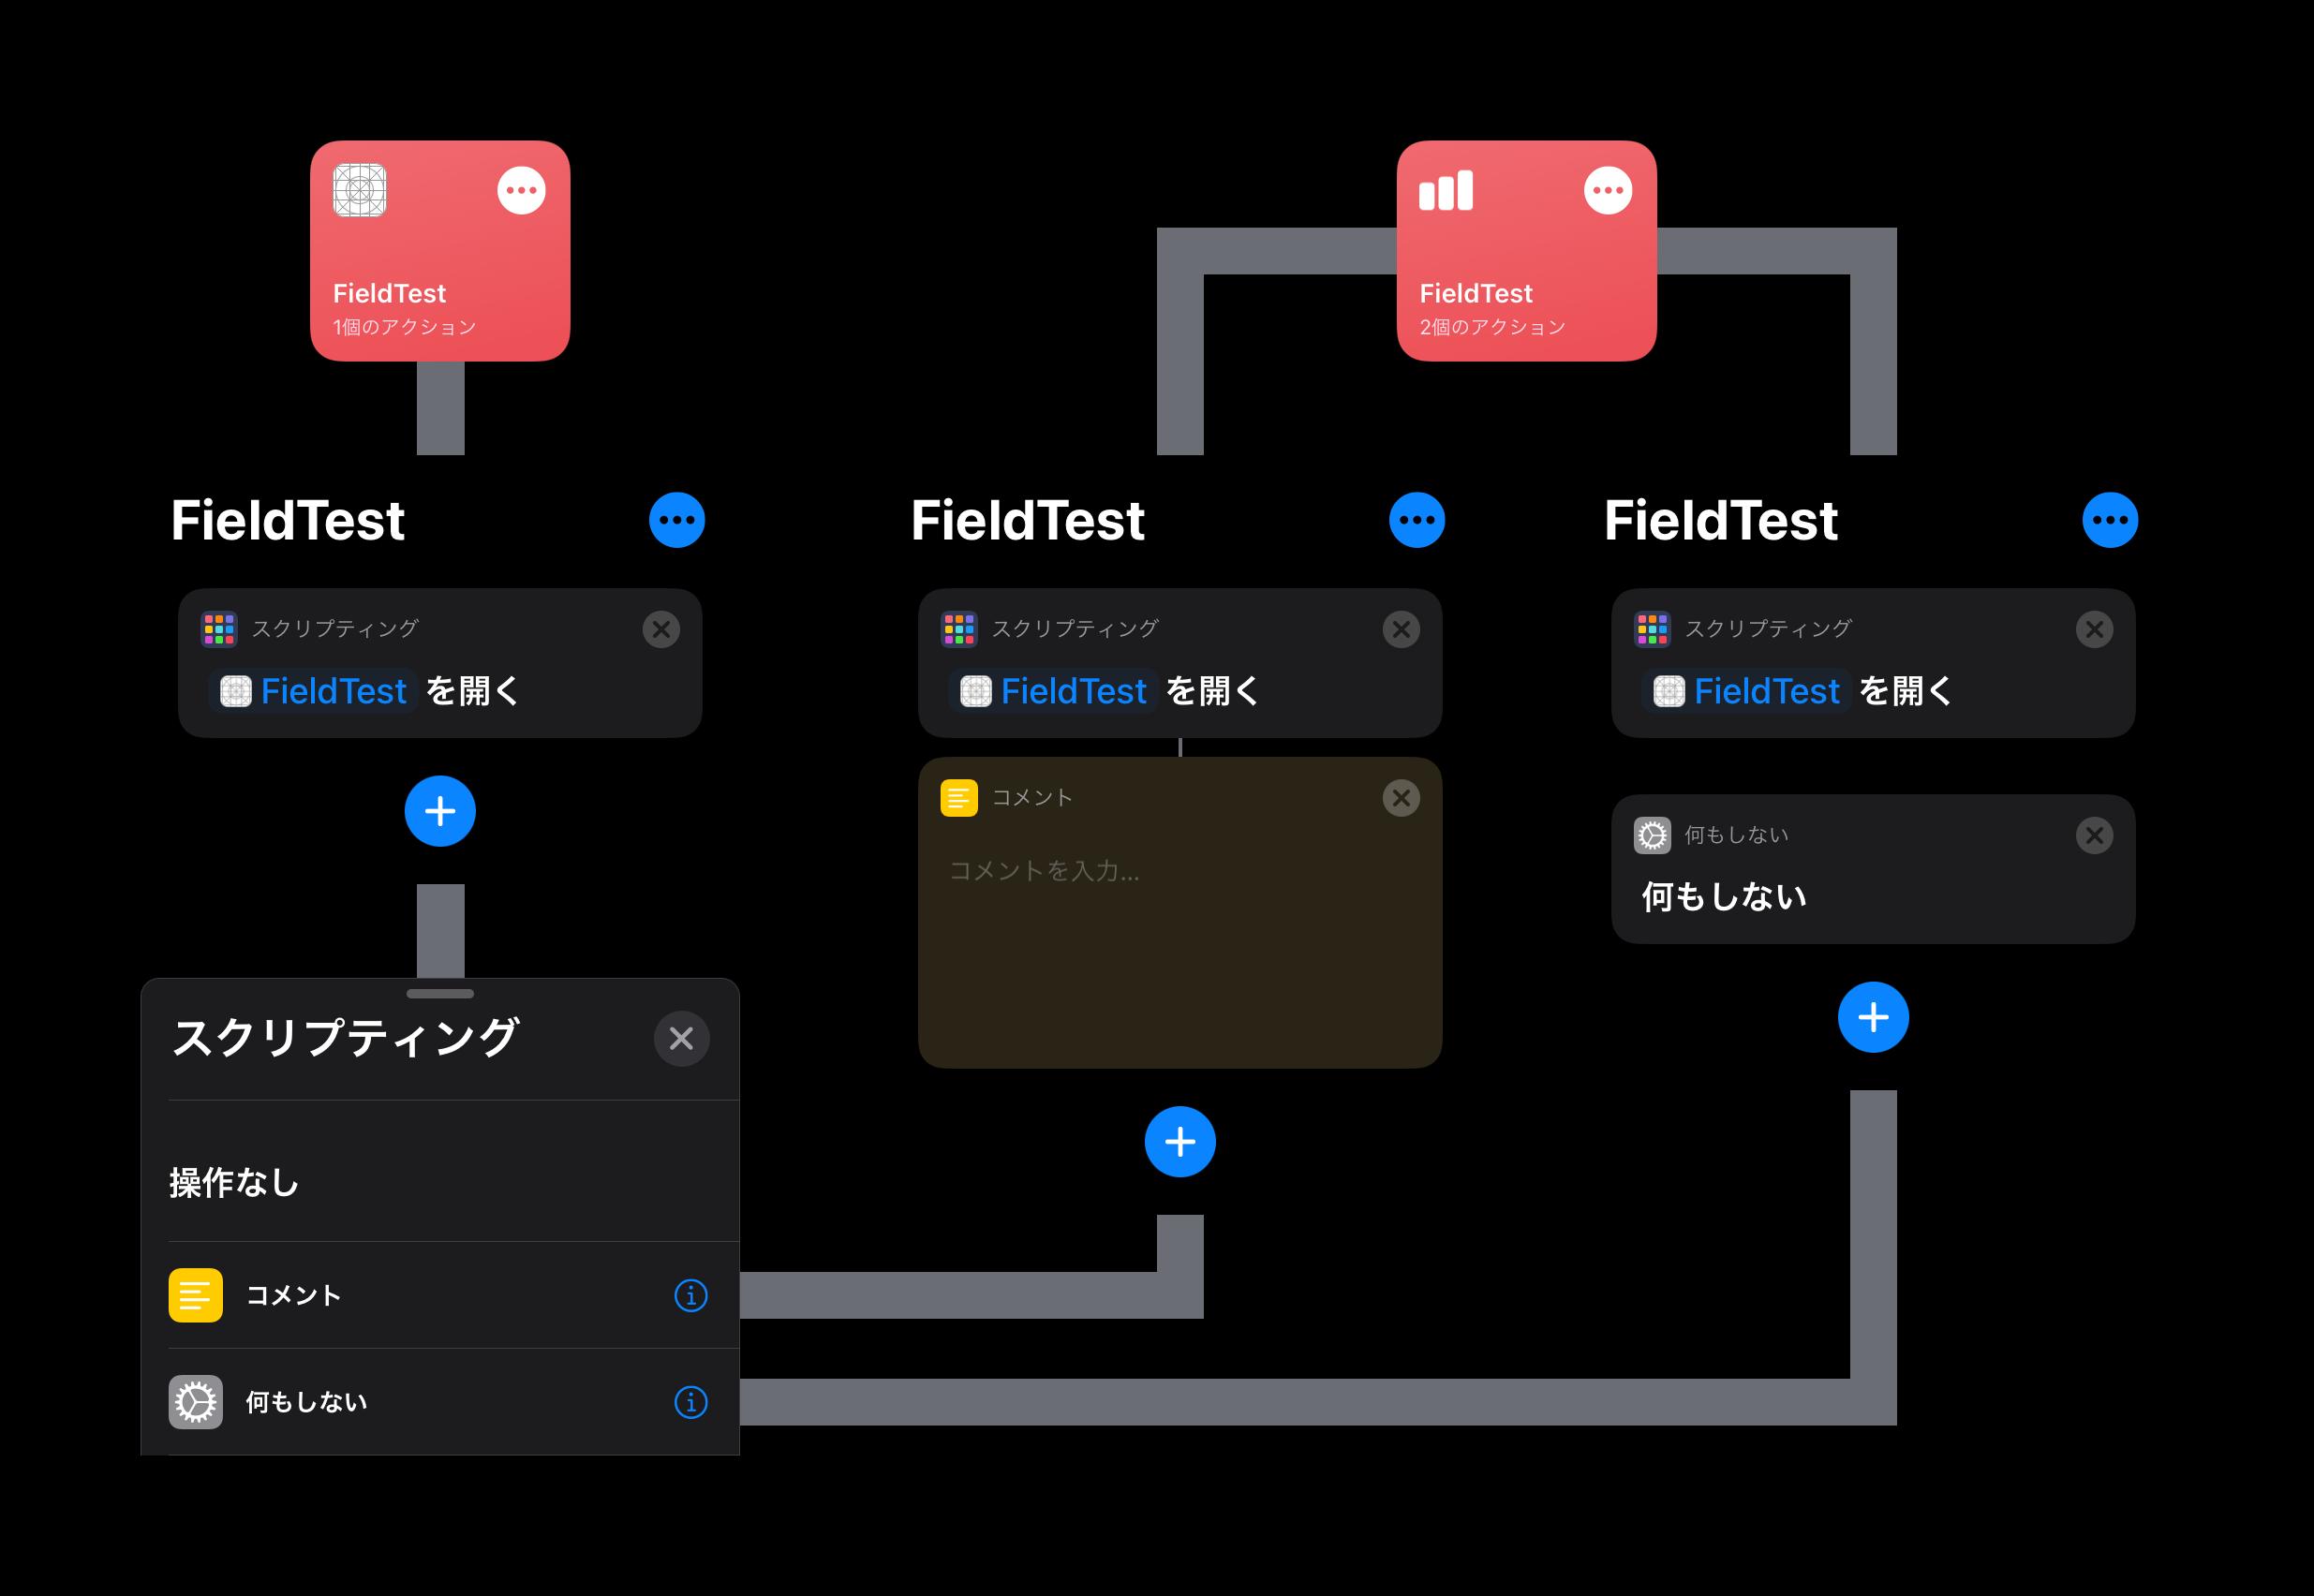 「ショートカット」Appで設定したアイコンをショートカットに反映させる手順